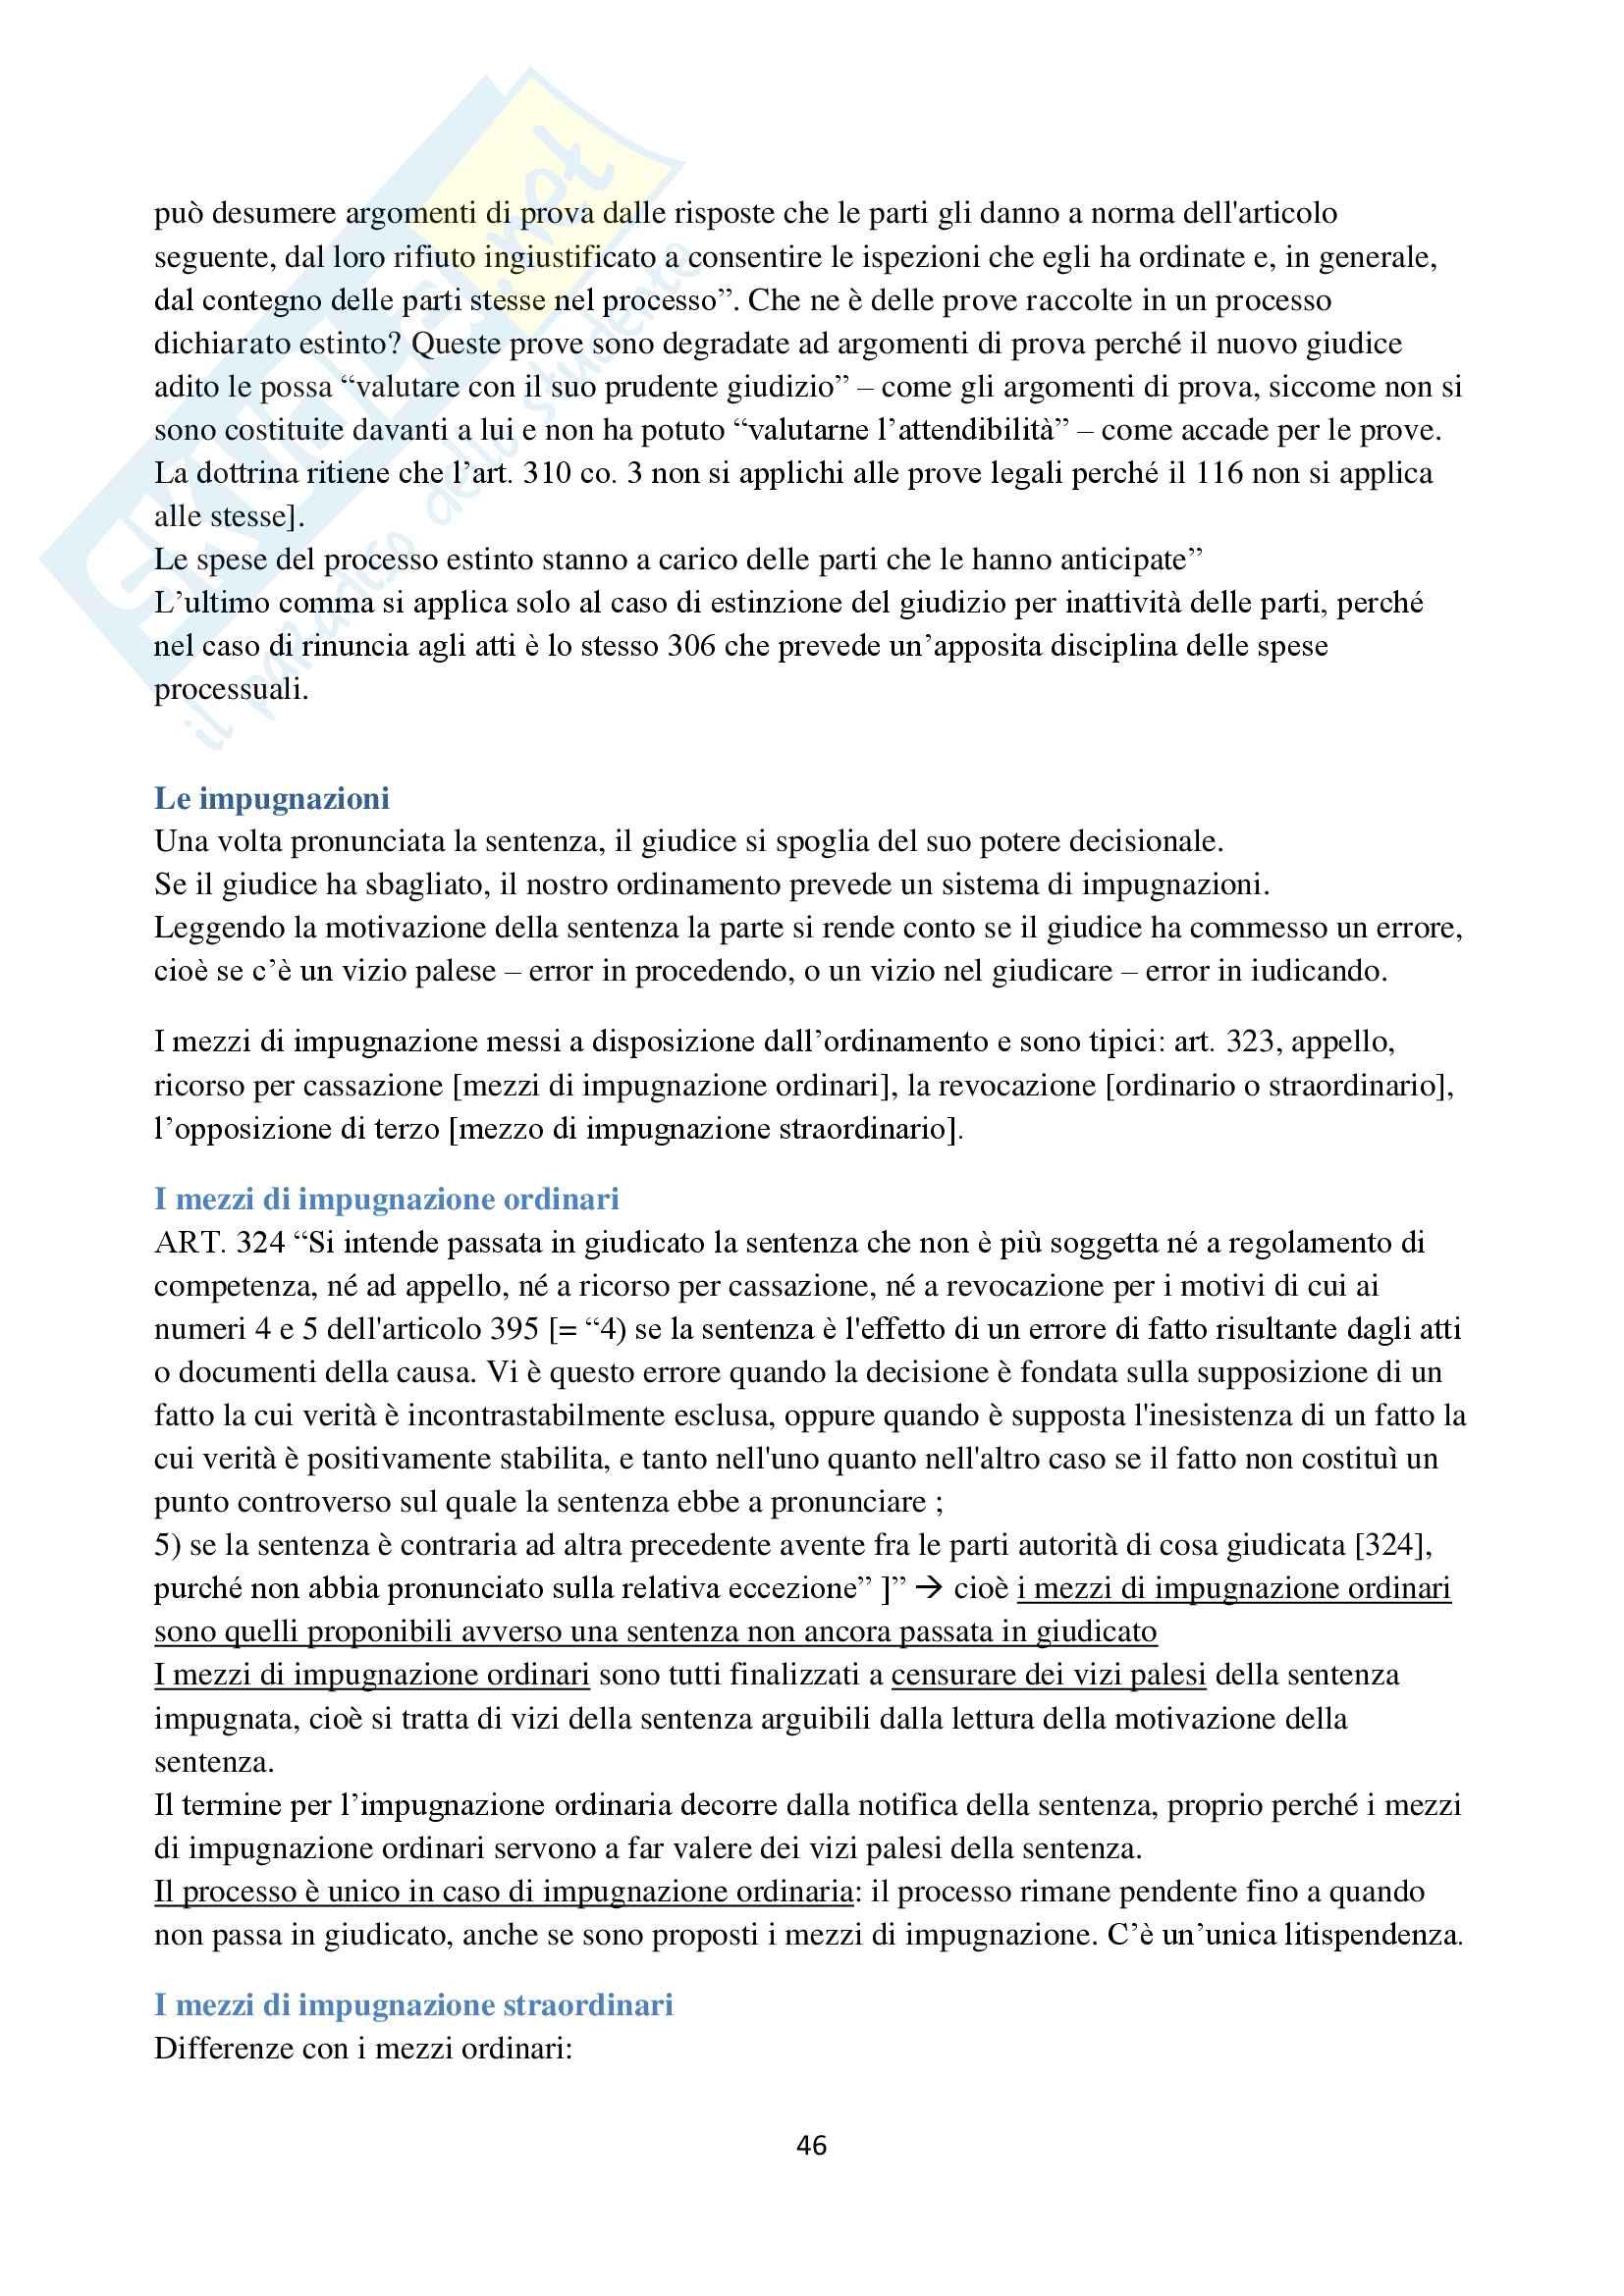 Appunti di Procedura Civile I D'Alessandro per esoneri. Unito Pag. 46